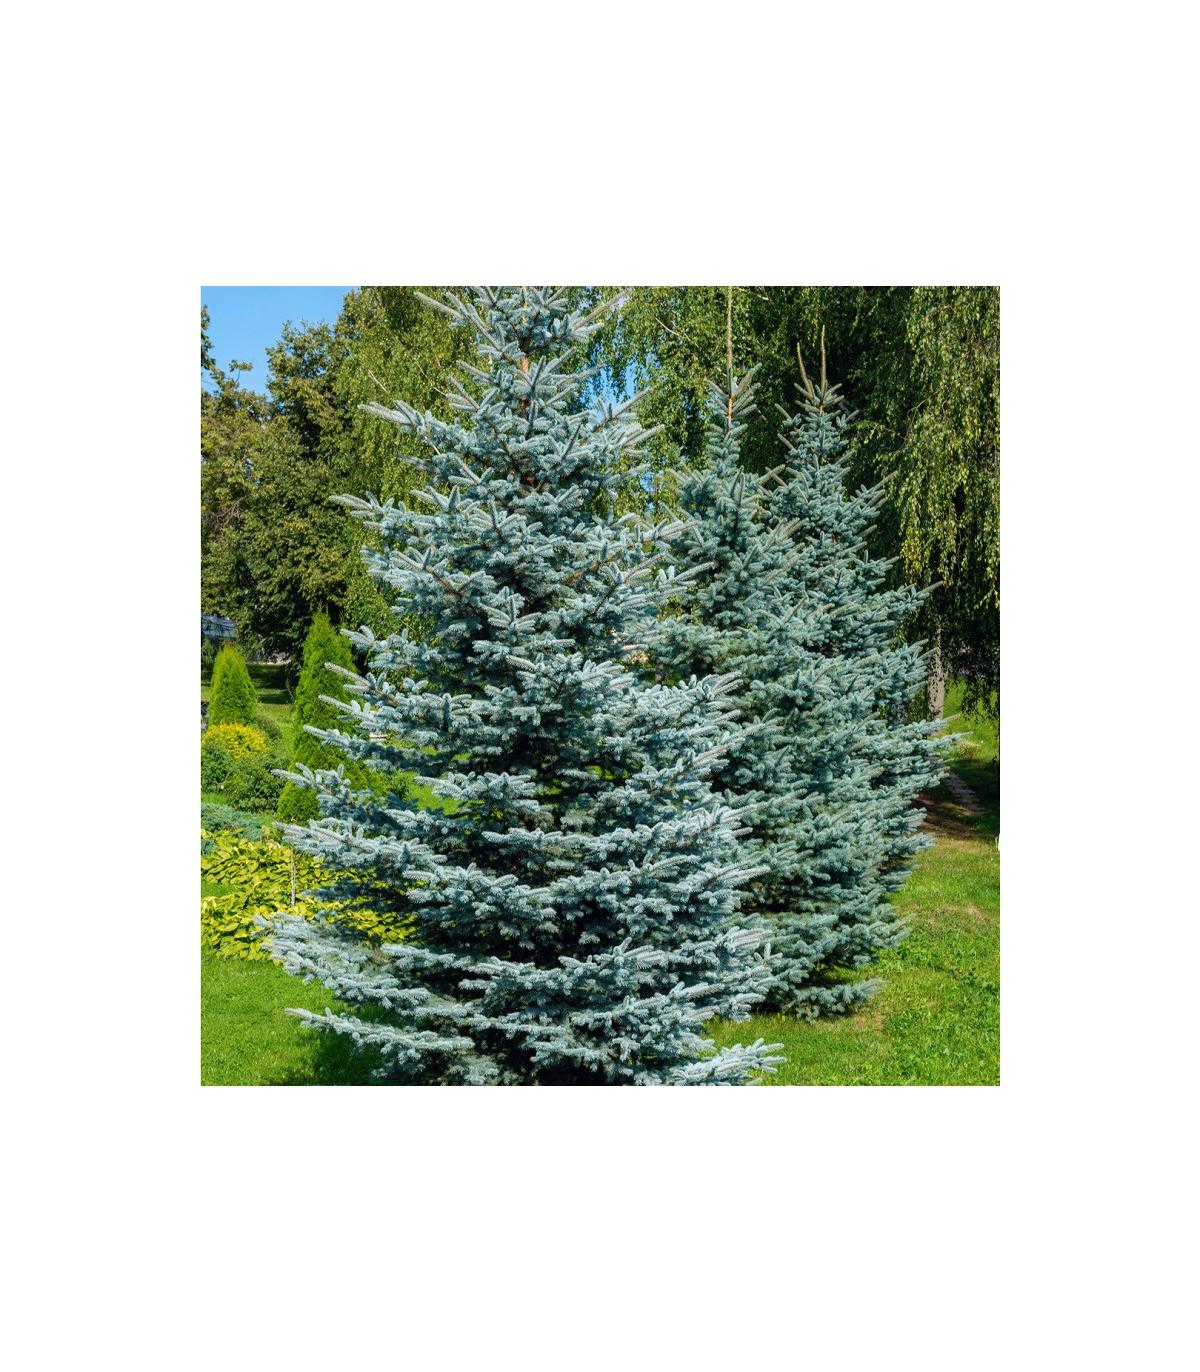 Smrek štetinatý - Smrek dračí - semená smreka - Picea asperata - 8 ks